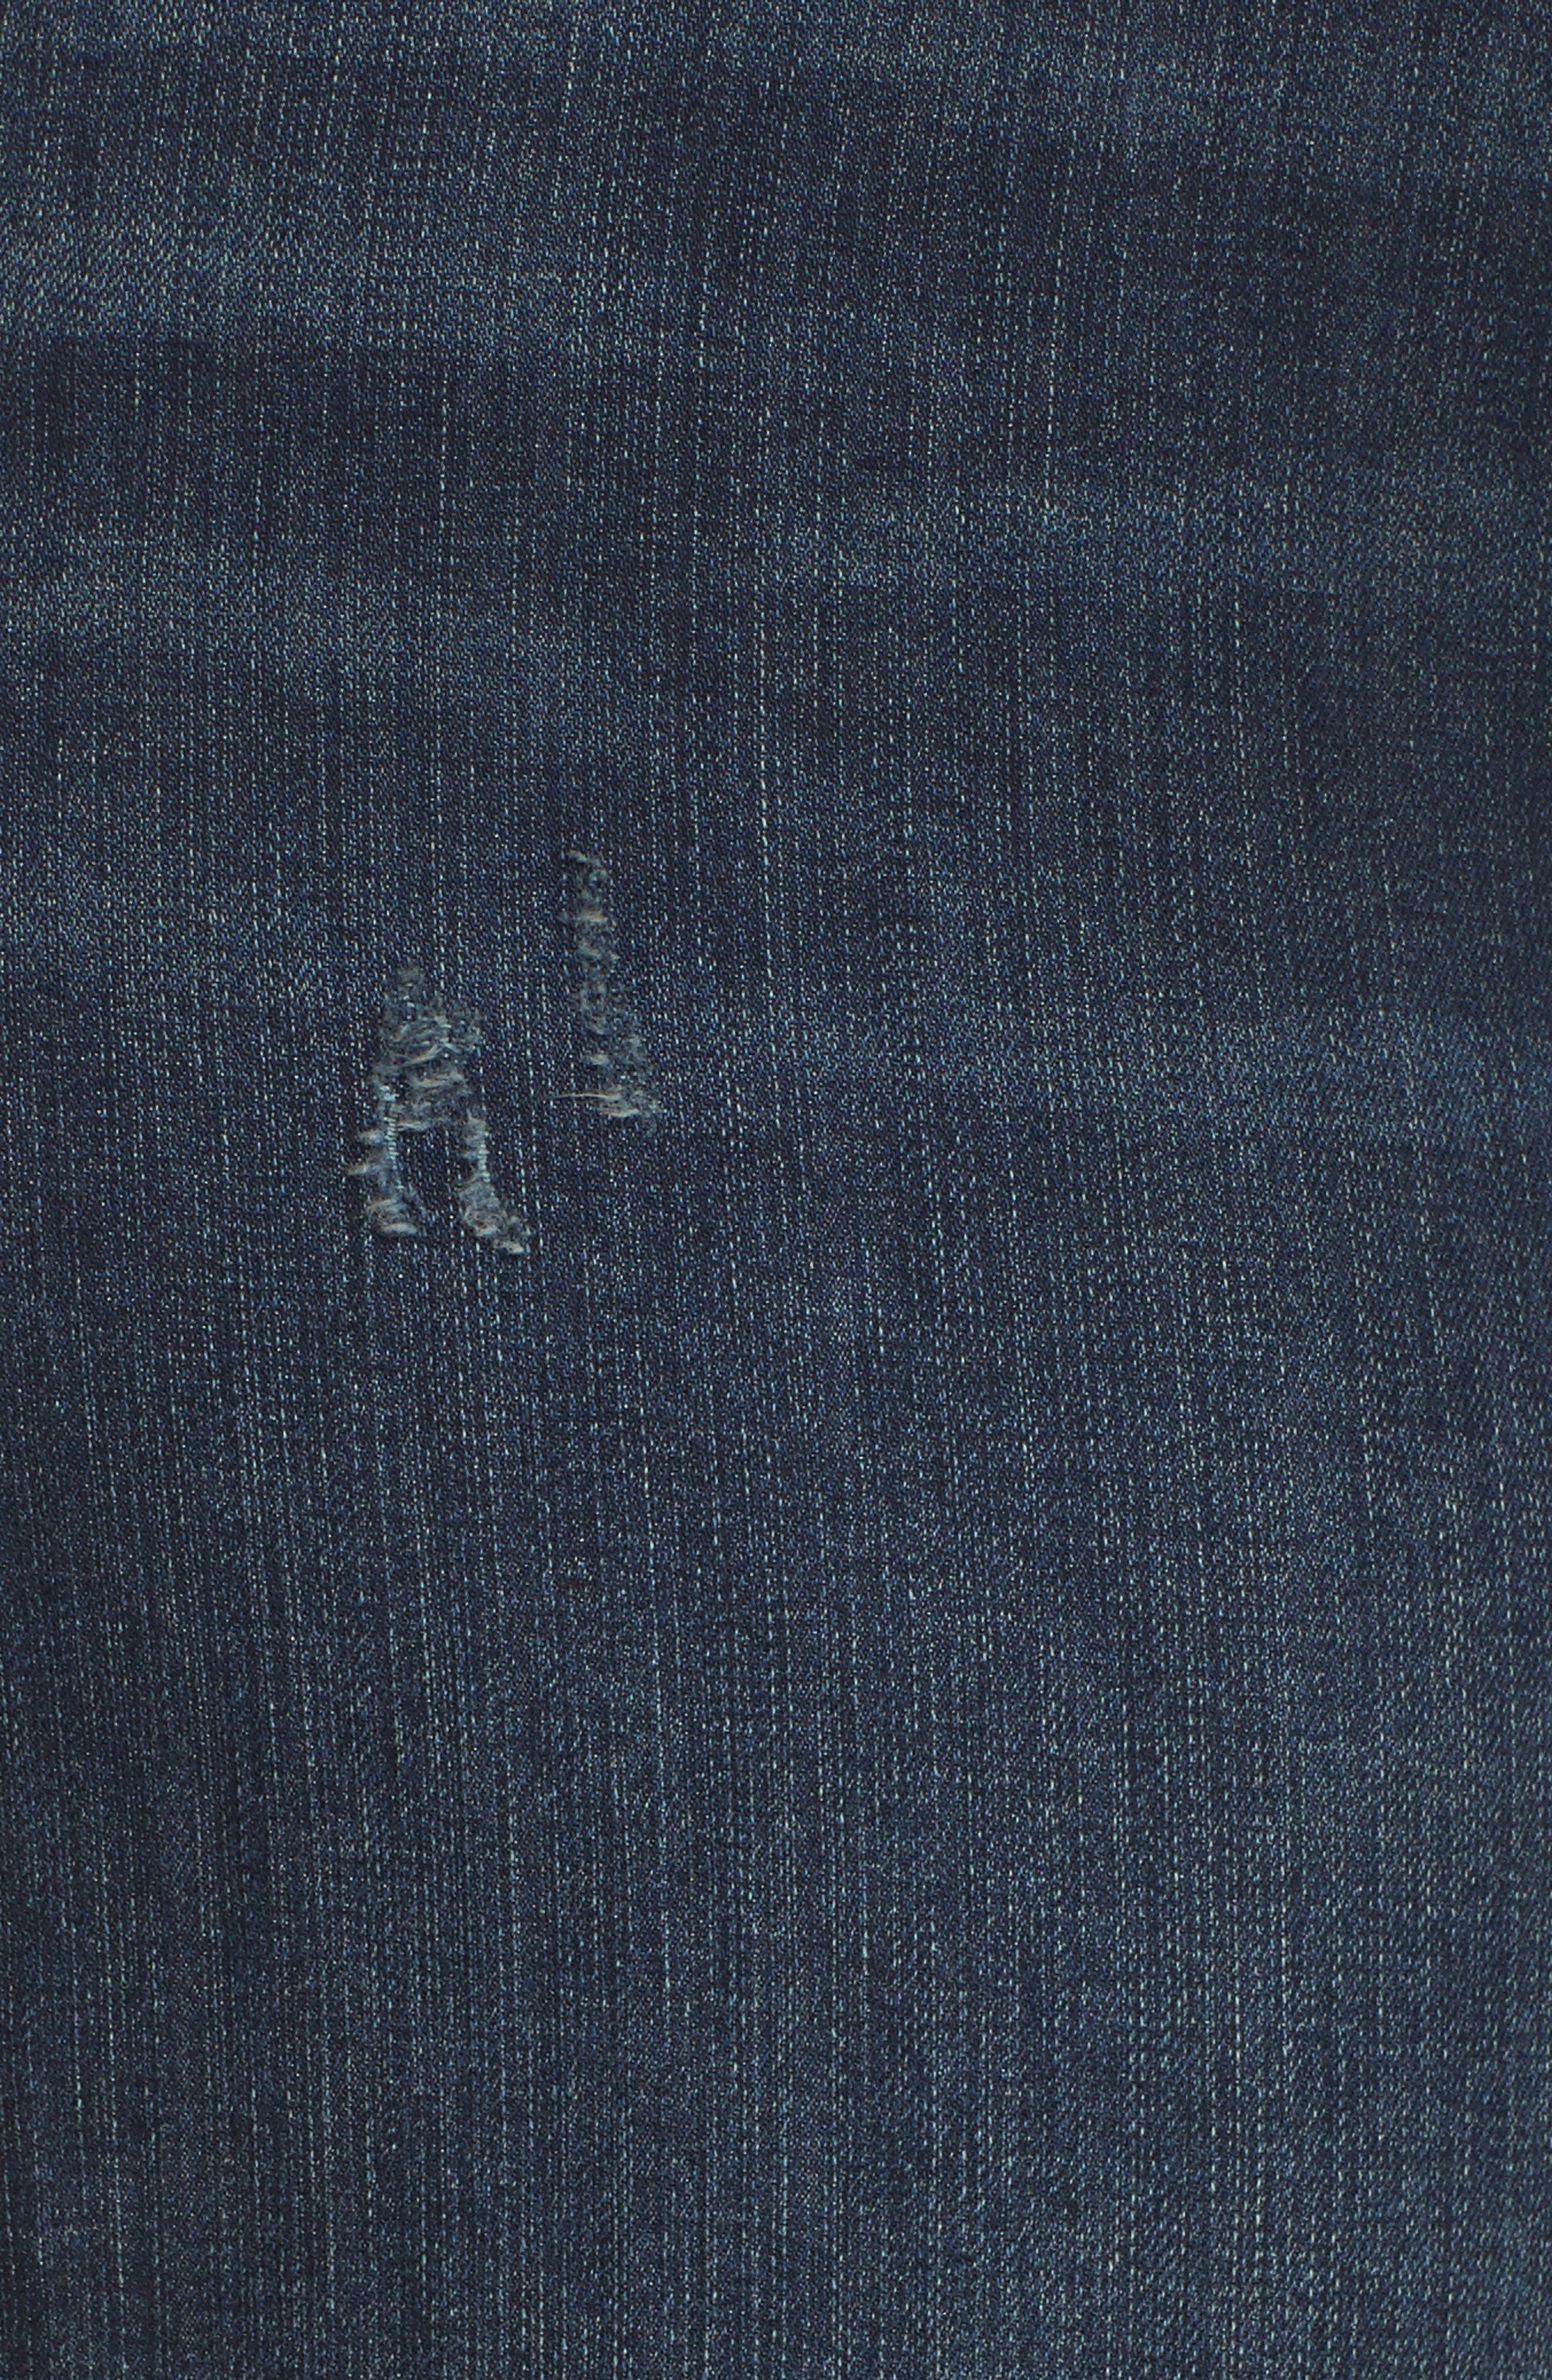 Boyfriend Jeans,                             Alternate thumbnail 5, color,                             Mirage Wash